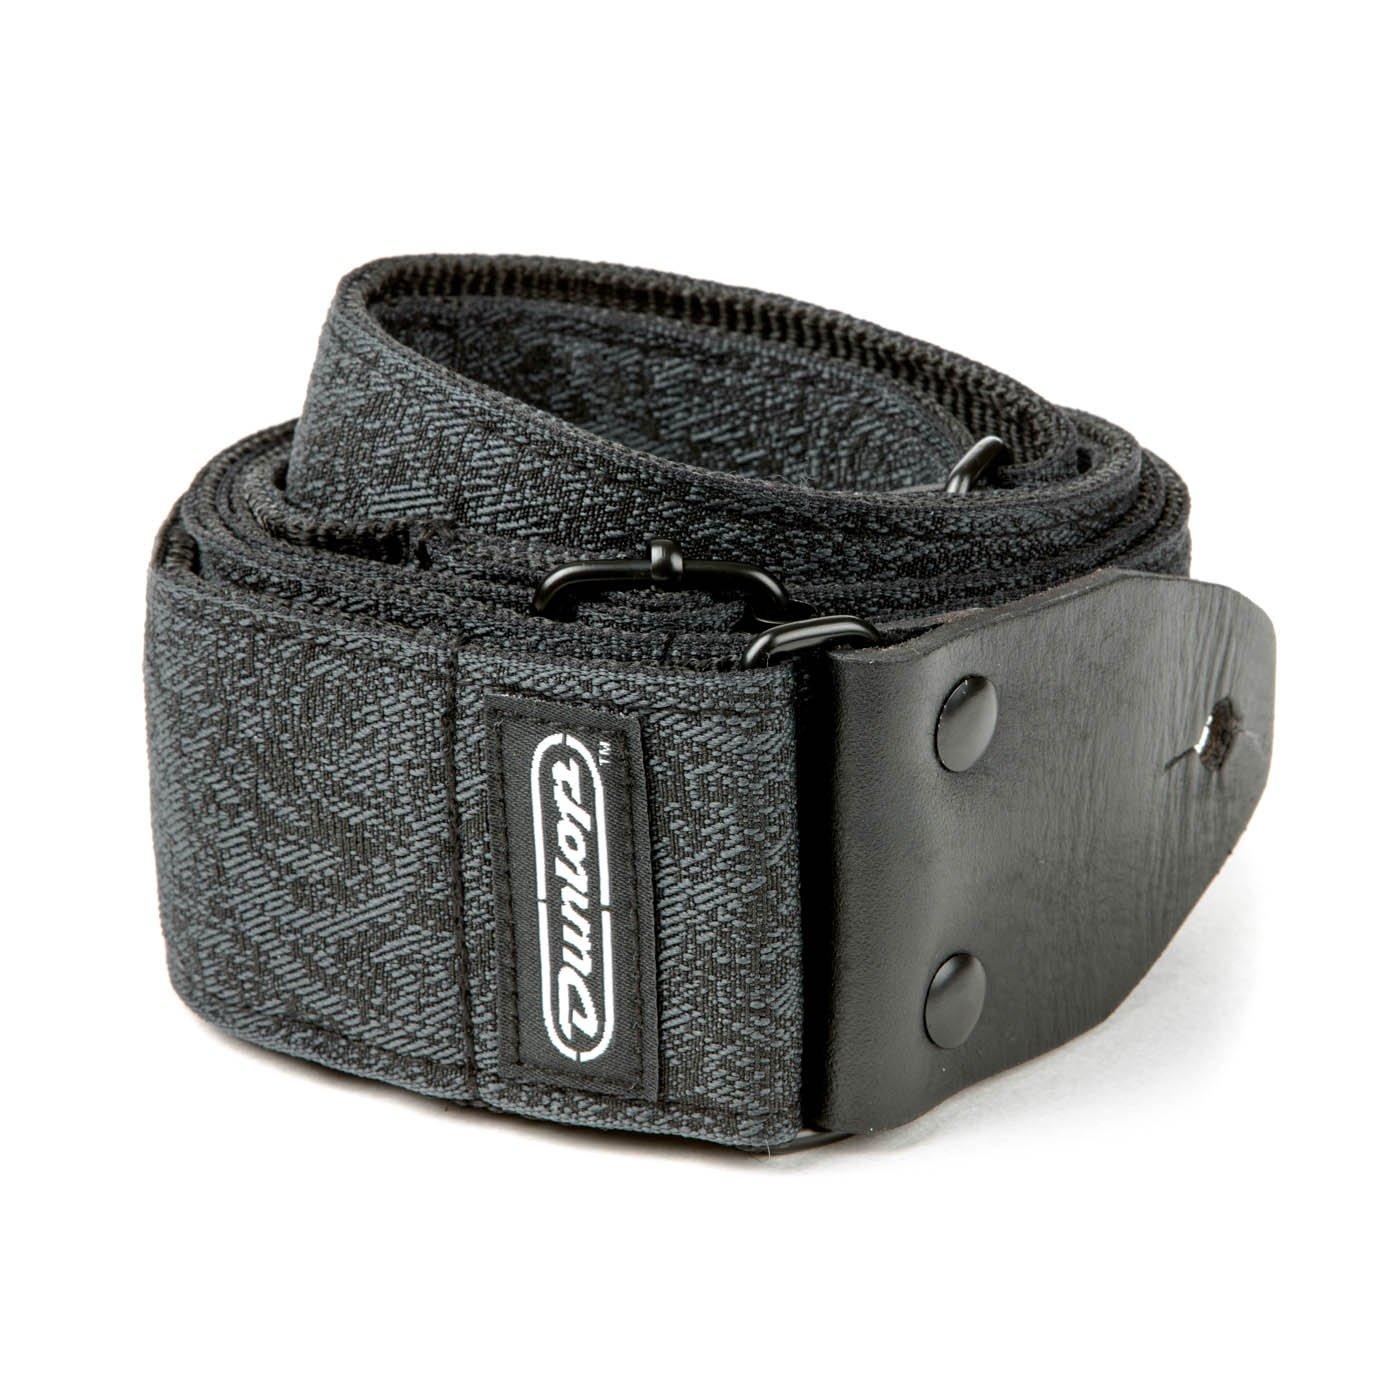 Dunlop D6709 Designer Jacquard Strap - Paisley